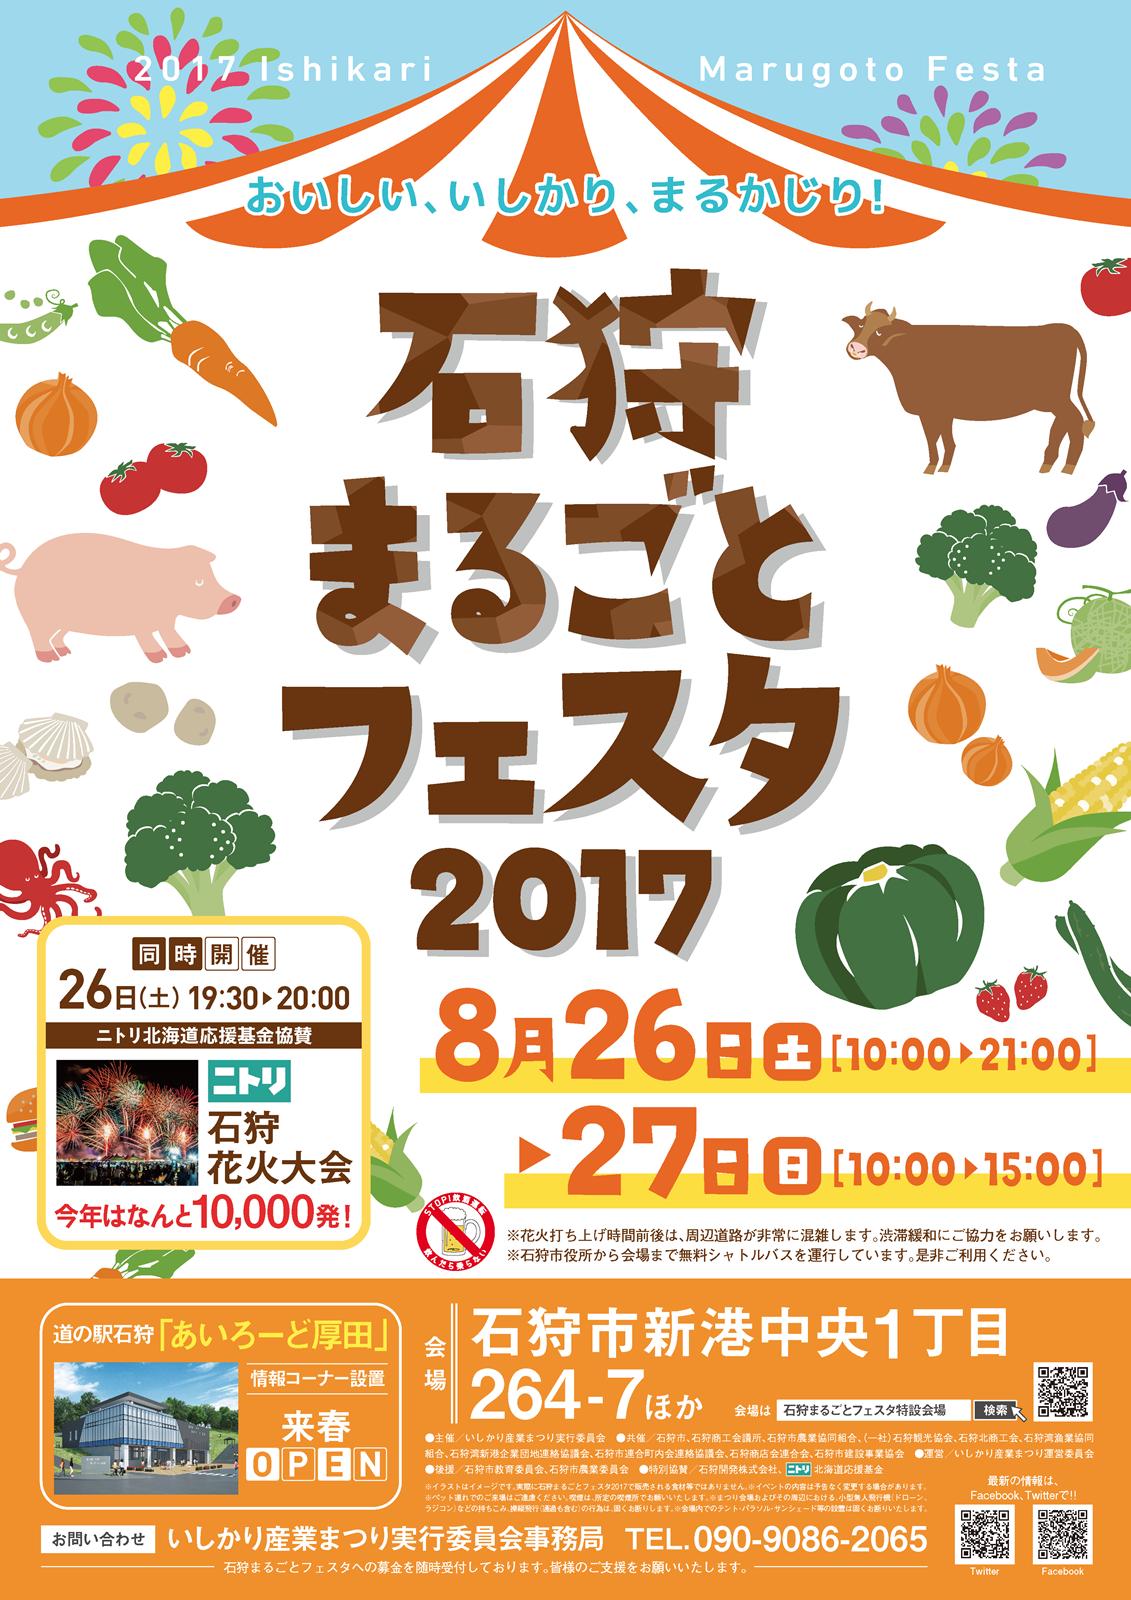 【校了】石狩まるごとフェスタポスター_0721